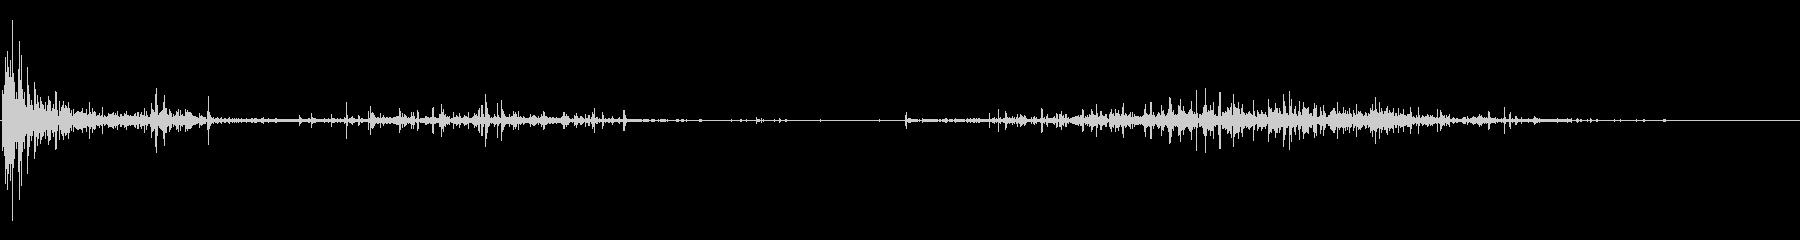 バッターボックスの土を踏みならす音 3の未再生の波形